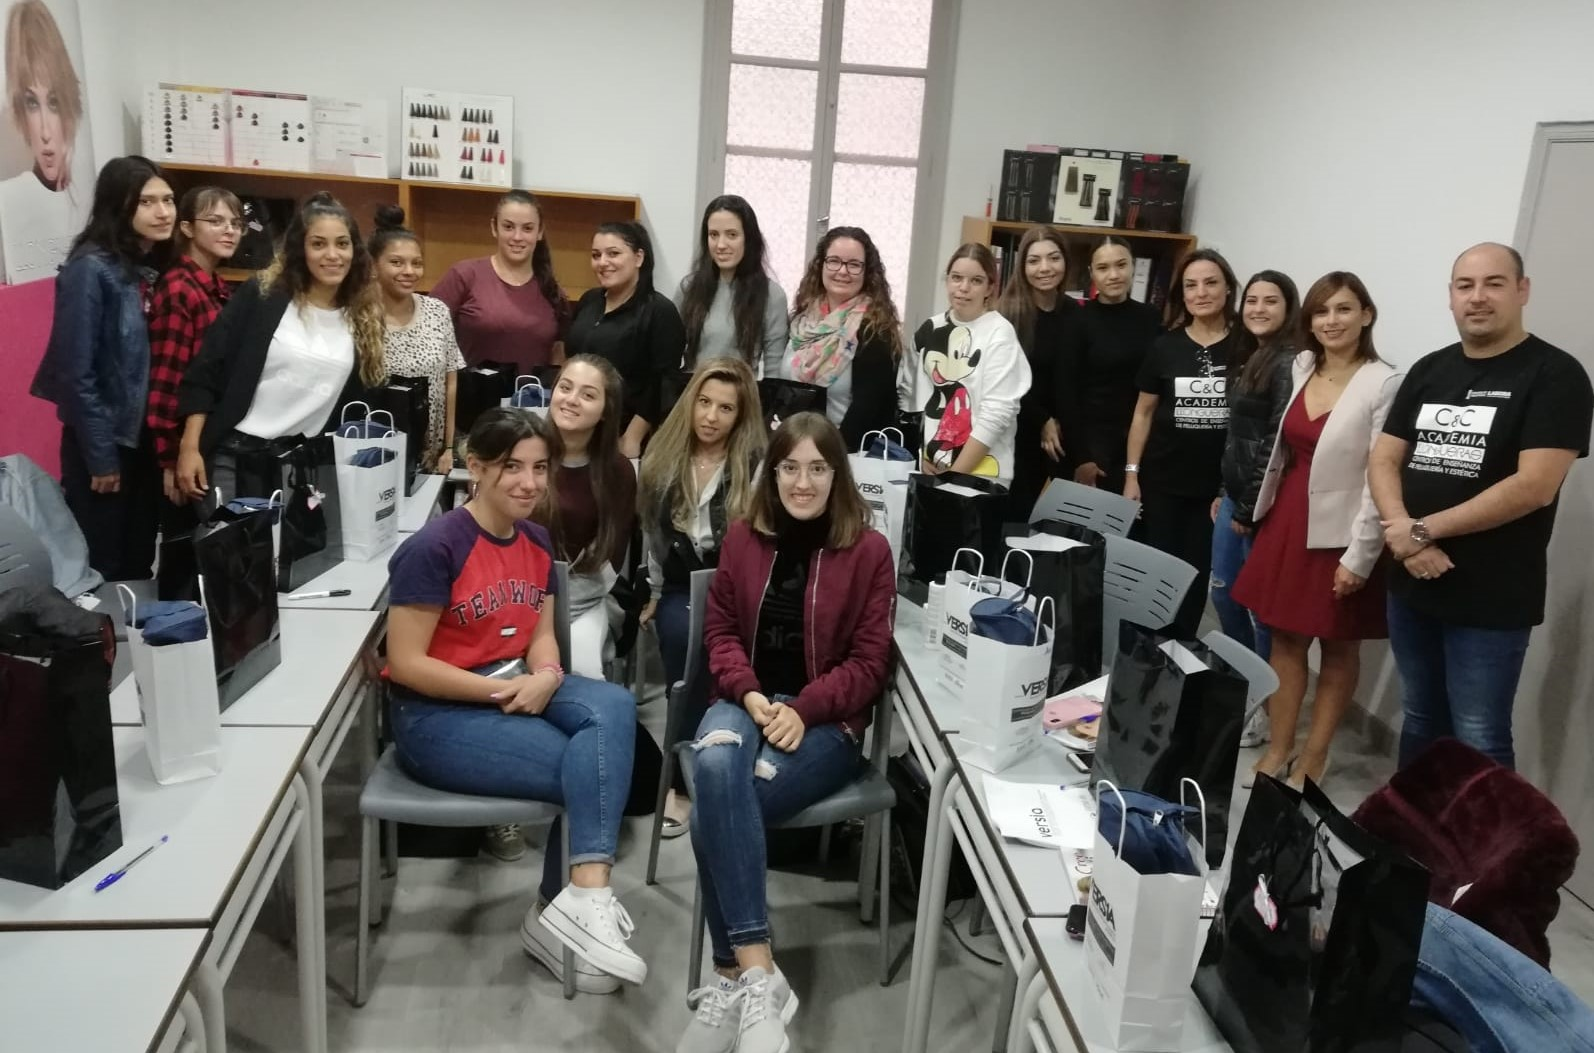 Diecinueve jóvenes participan en el curso de Maquillaje Profesional gracias a la colaboración de Idelsa